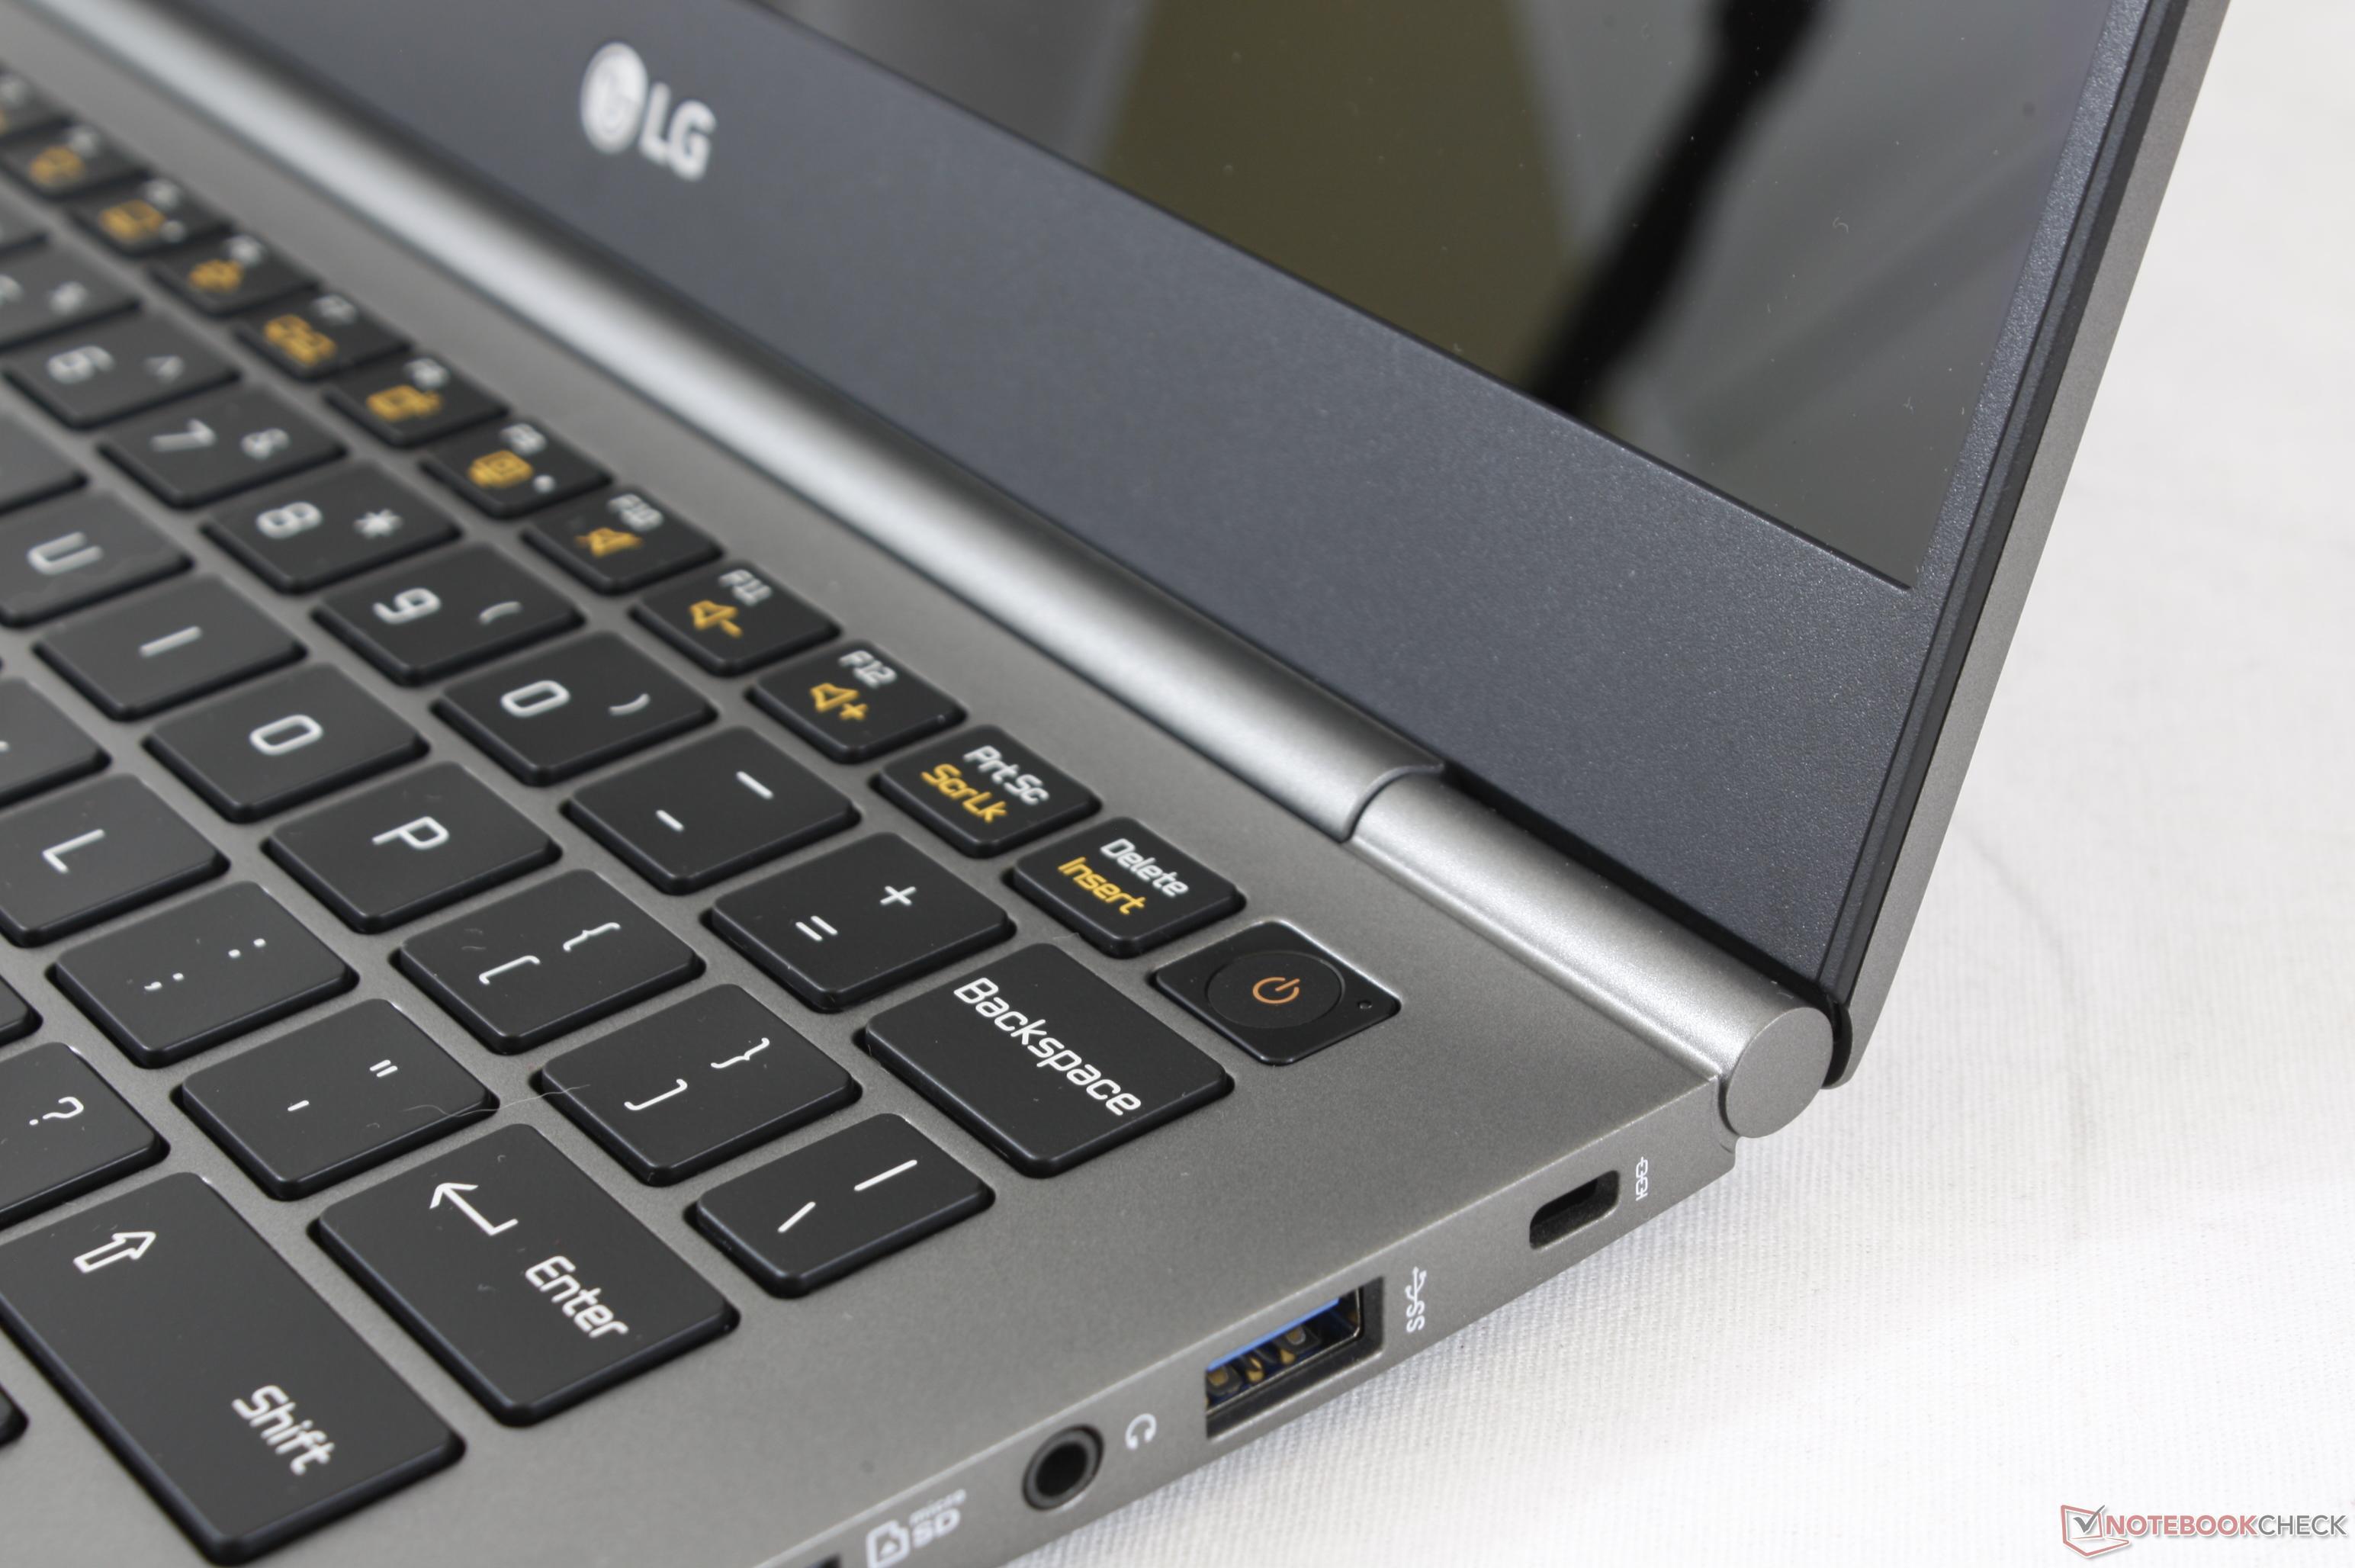 Kısa inceleme: LG Gram 13Z980-A (i5-8250U) Laptop - Notebookcheck-tr com